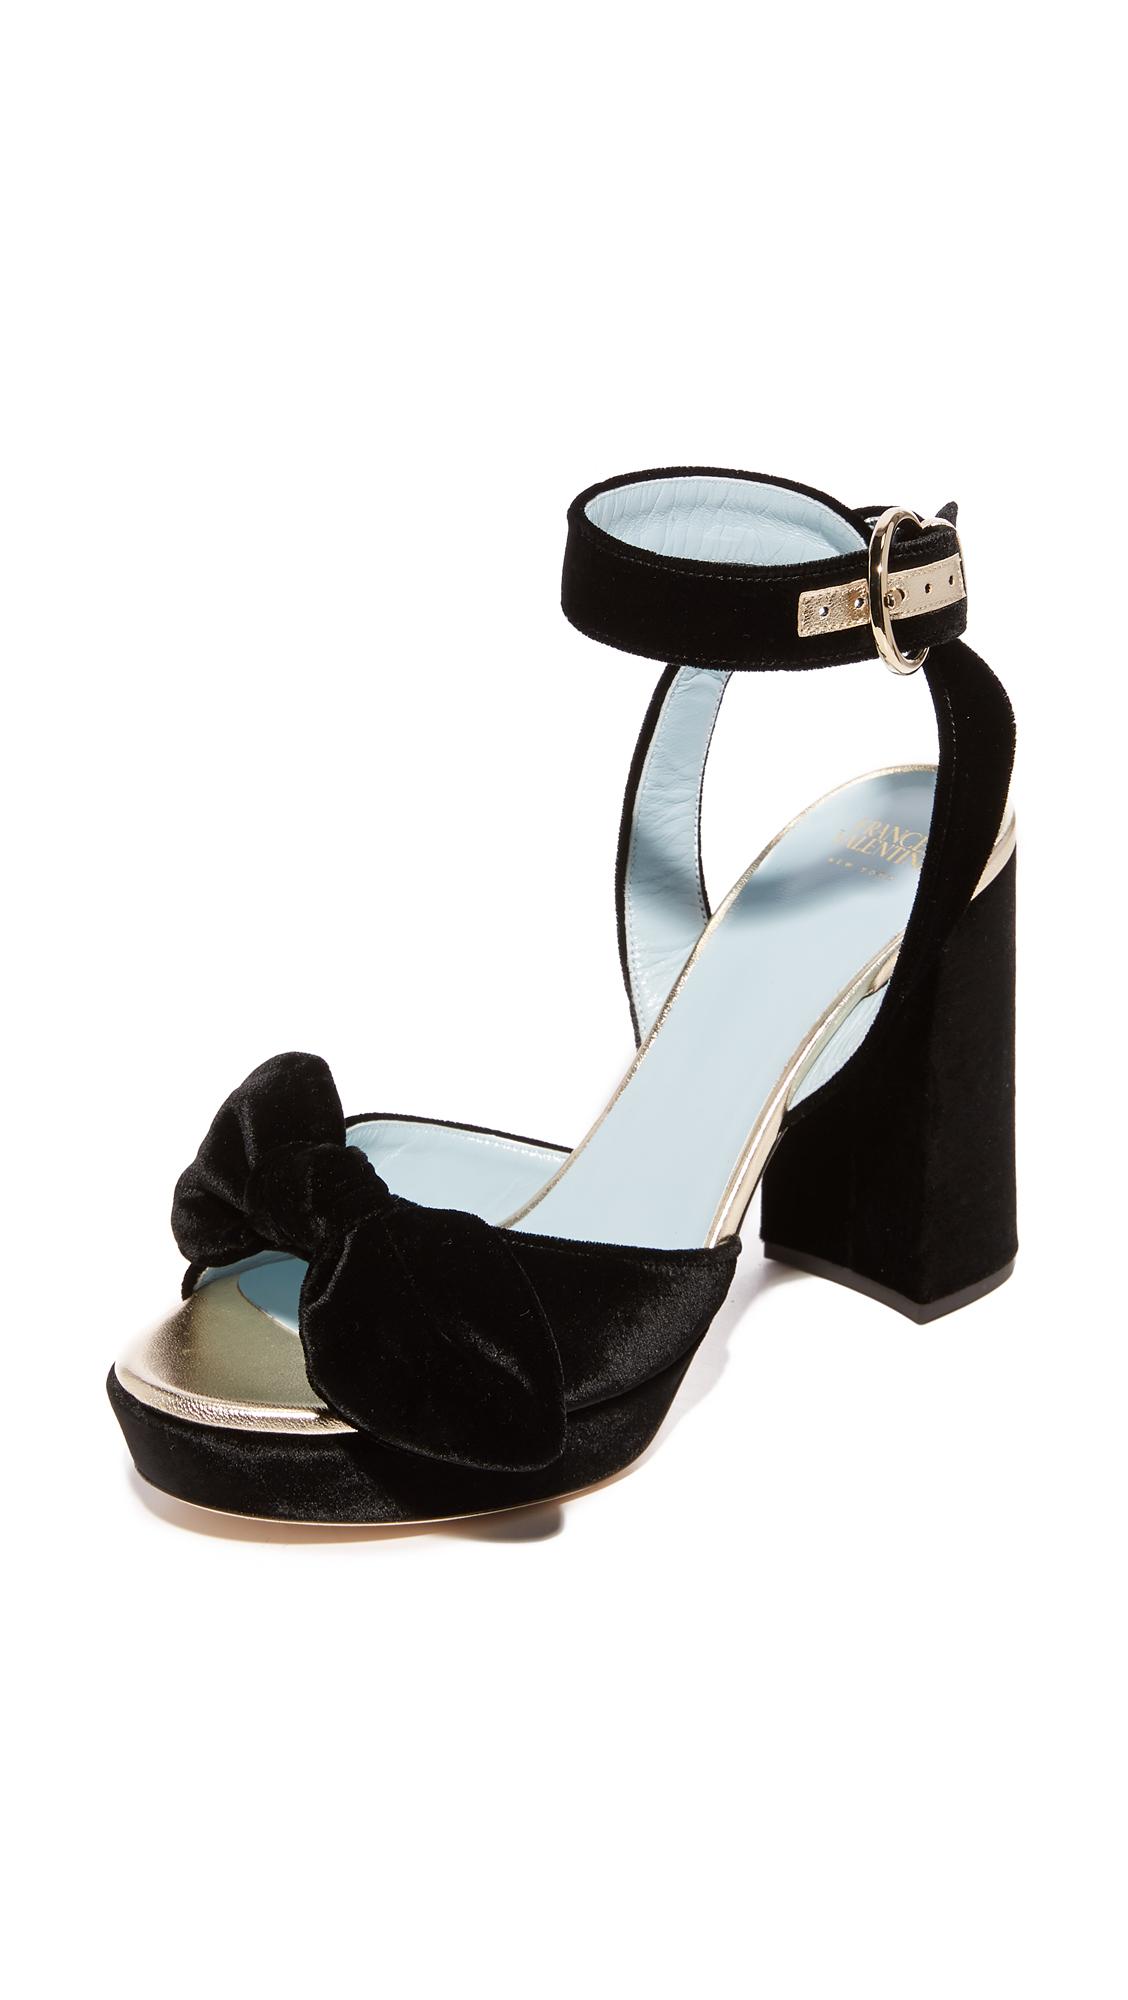 Frances Valentine Tilda Platform Sandals - Black